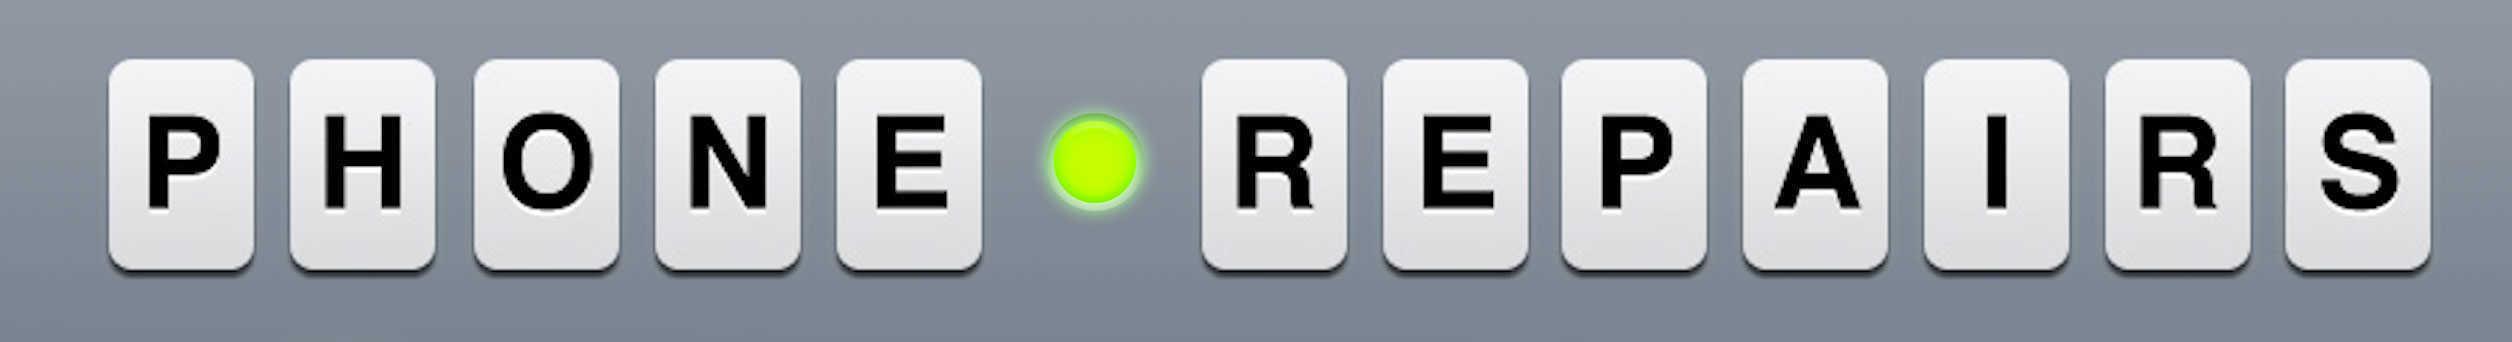 Telefoon reparatie Den Bosch | iPhone reparatie Den Bosch | Samsung reparatie Den Bosch | is dé specialist voor uw smartphone en tablet reparatie. Is het scherm gebrokenvan uw smartphone? iPhone laadt niet meer op? Is de accu aan vervanging toe? Of een ander defect? Laat uw toestel dan professioneel en snel repareren door Phone Repairs Den Bosch. Wij repareren u toestel binnen 30 minuten, terwijl u meekijkt. Bel:  073-8220013 iPhone reparatie Brabant